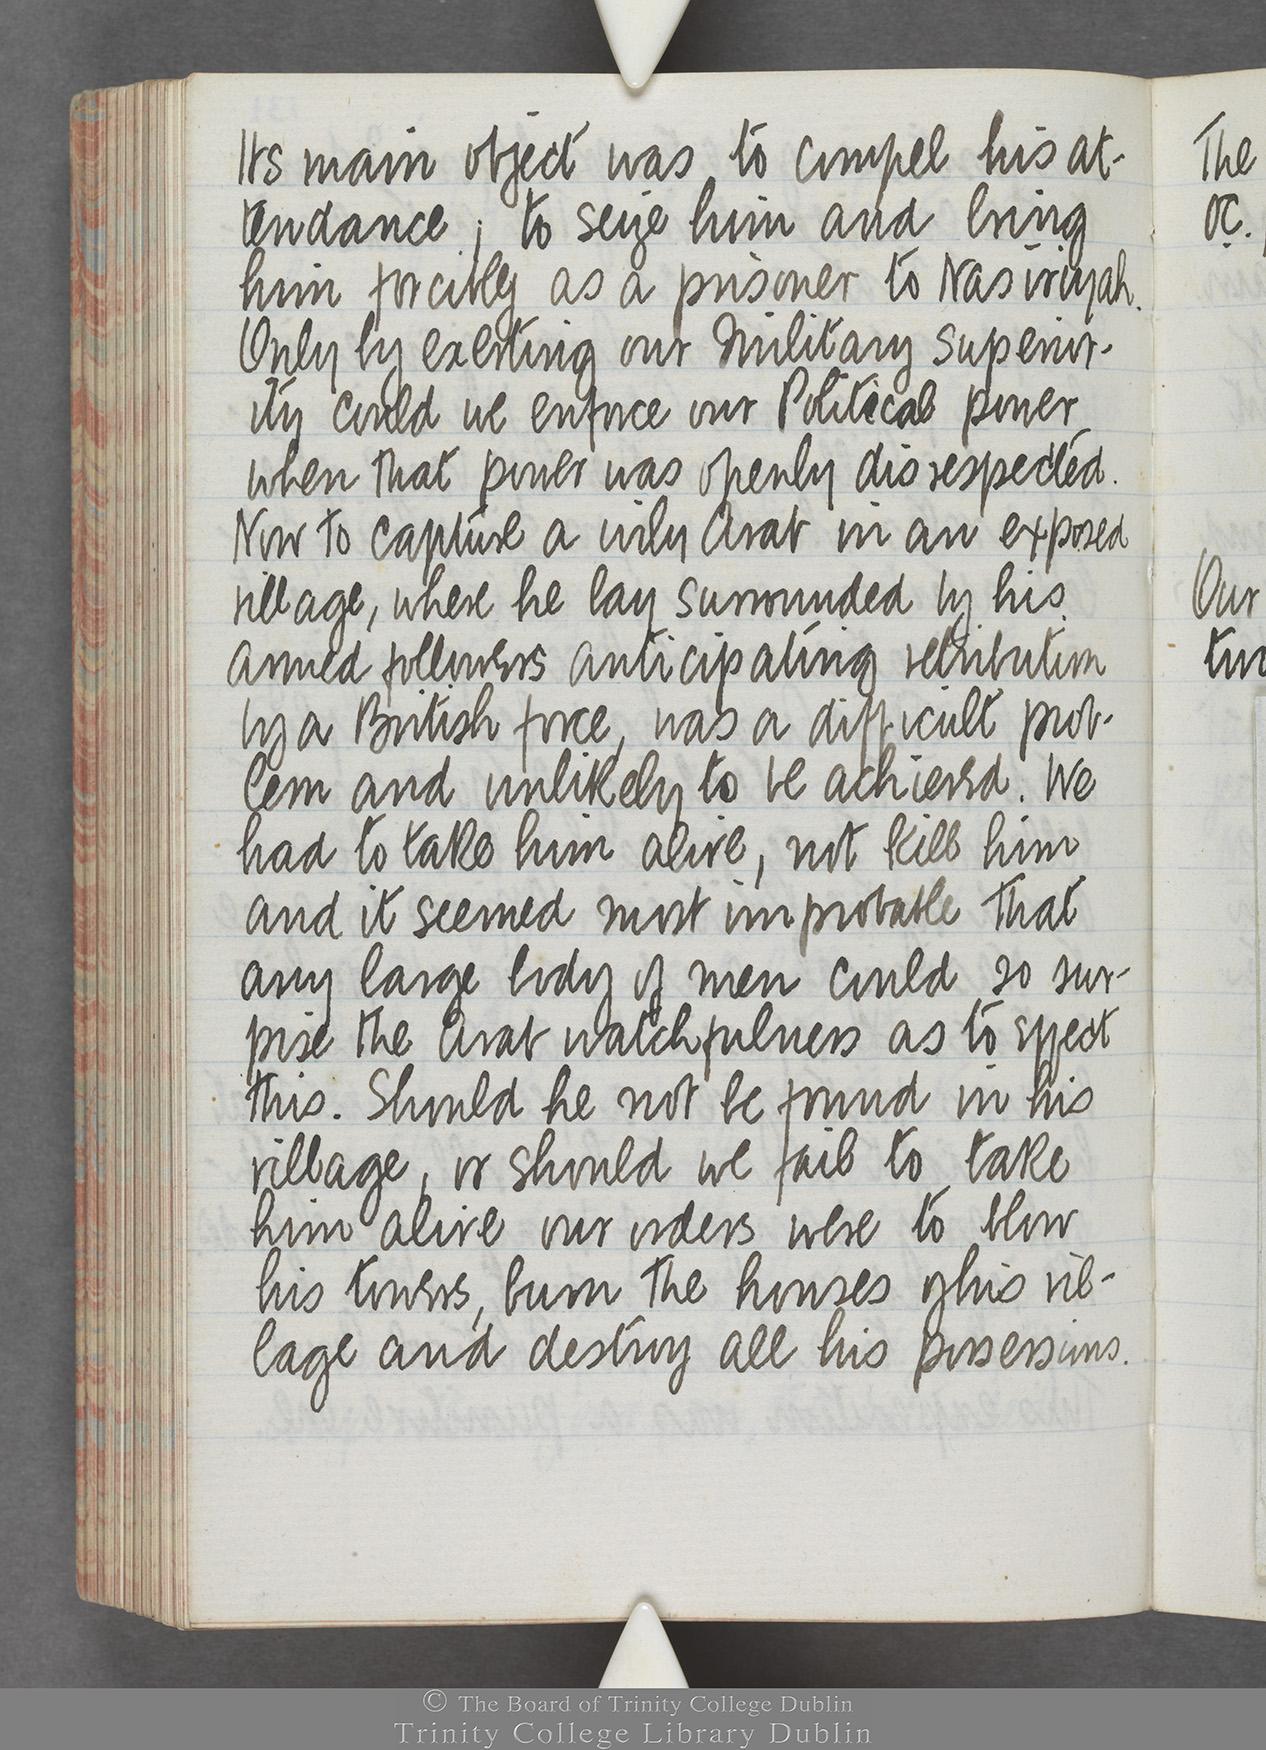 TCD MS 10515 folio 131 verso